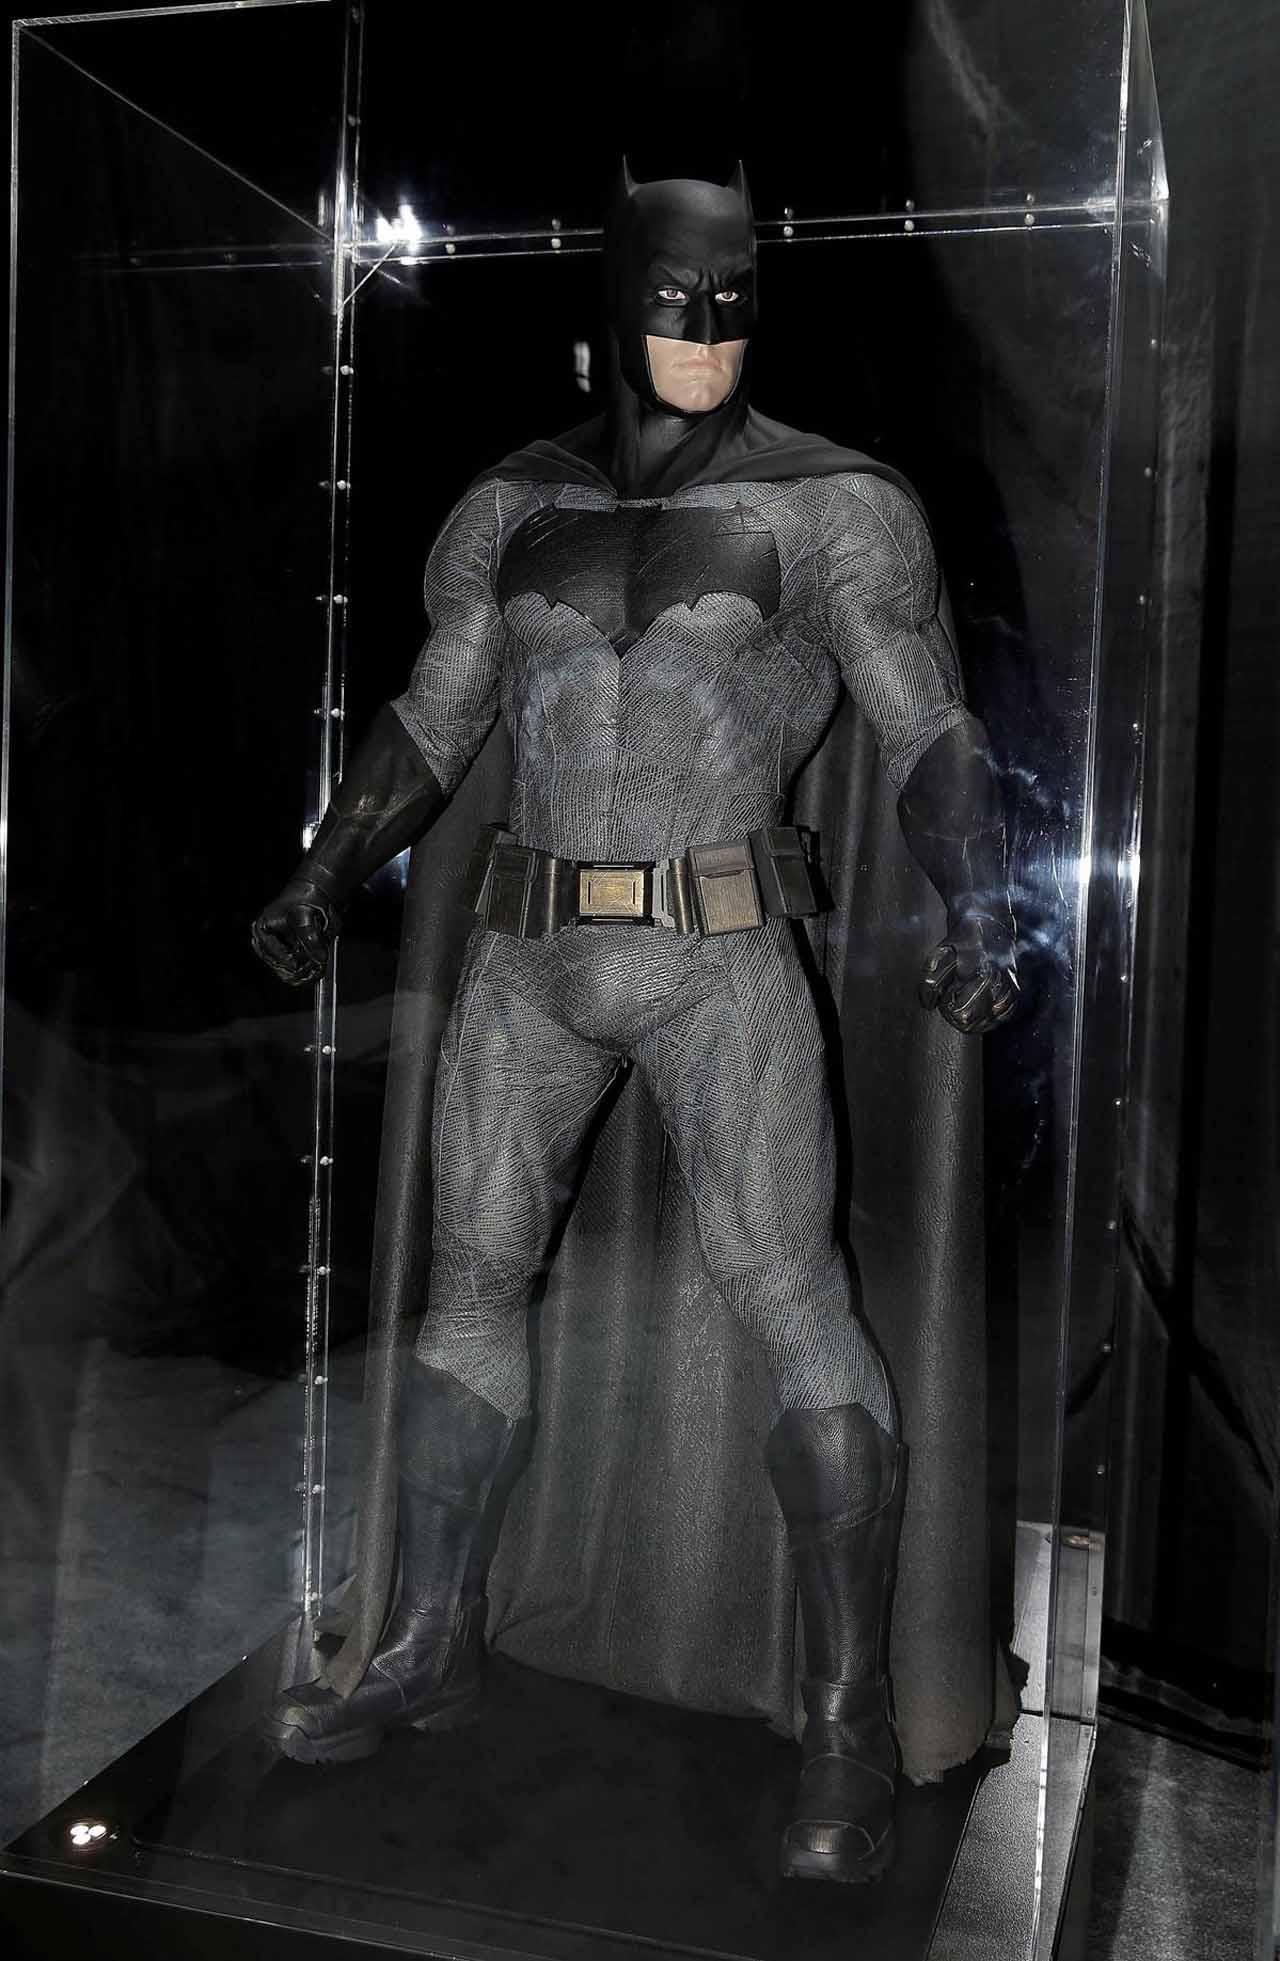 Dark Knight Returns, anyone?